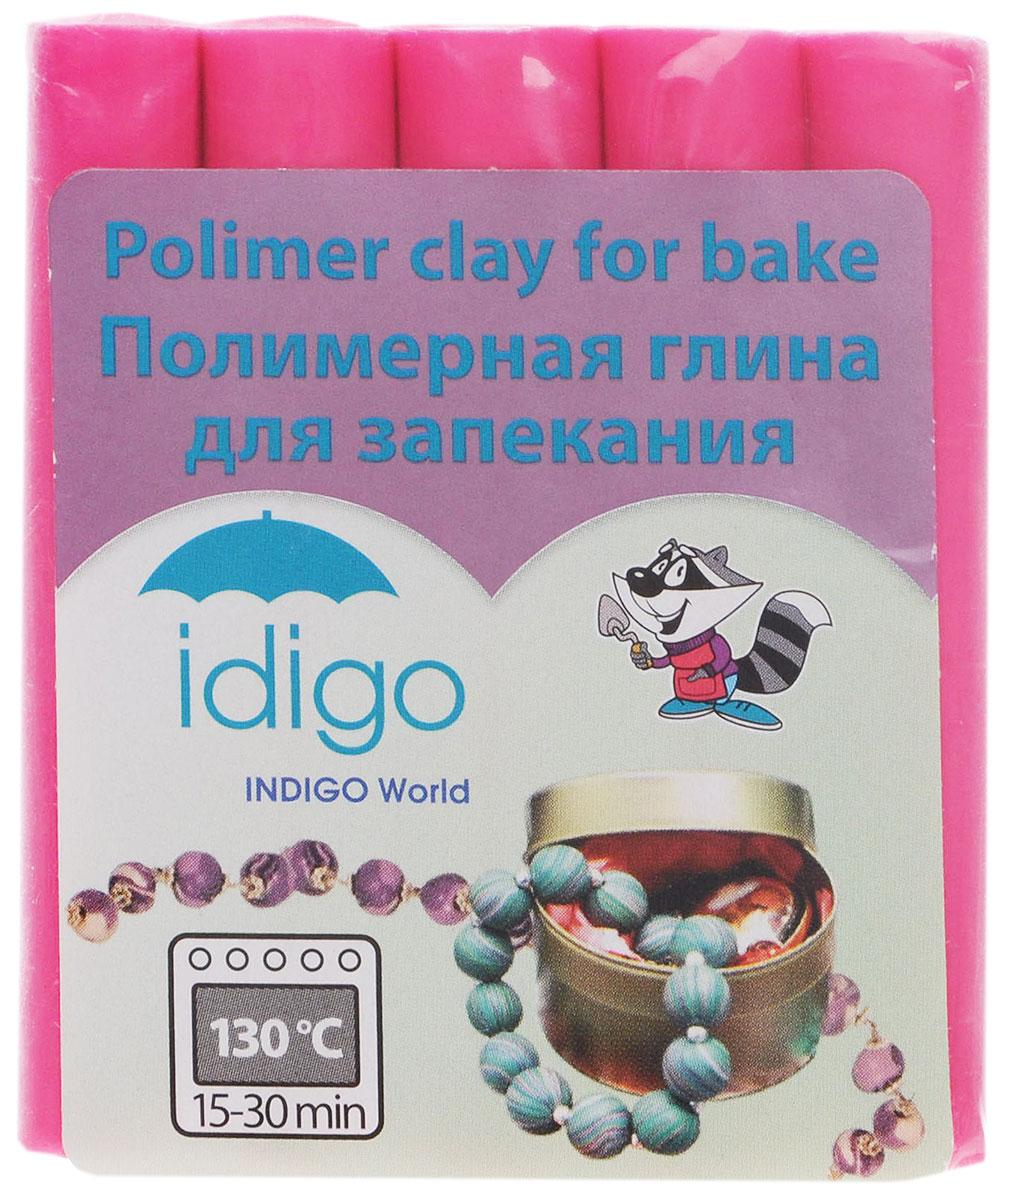 Idigo Полимерная глина цвет фуксияsm55810Мягкая масса на полимерной основе Idigo идеально подходит для лепки небольших изделий (украшений, скульптурок, кукол) и для моделирования. Глина обладает отличными пластичными свойствами, хорошо размягчается и лепится, не крошится, не пристает к рукам, не высыхает на воздухе, легко смешивается между собой, благодаря чему можно создать огромное количество поделок любых оттенков. В домашних условиях готовая поделка выпекается в духовом шкафу при температуре 130°С в течении 15-30 минут (в зависимости от величины изделия). Отвердевшие изделия могут быть раскрашены акриловыми красками, покрыты лаком, склеены друг с другом или с другими материалами. Глина состоит и з поливинилхлорида, карбоната кальция, парафинового воска и пигментов.